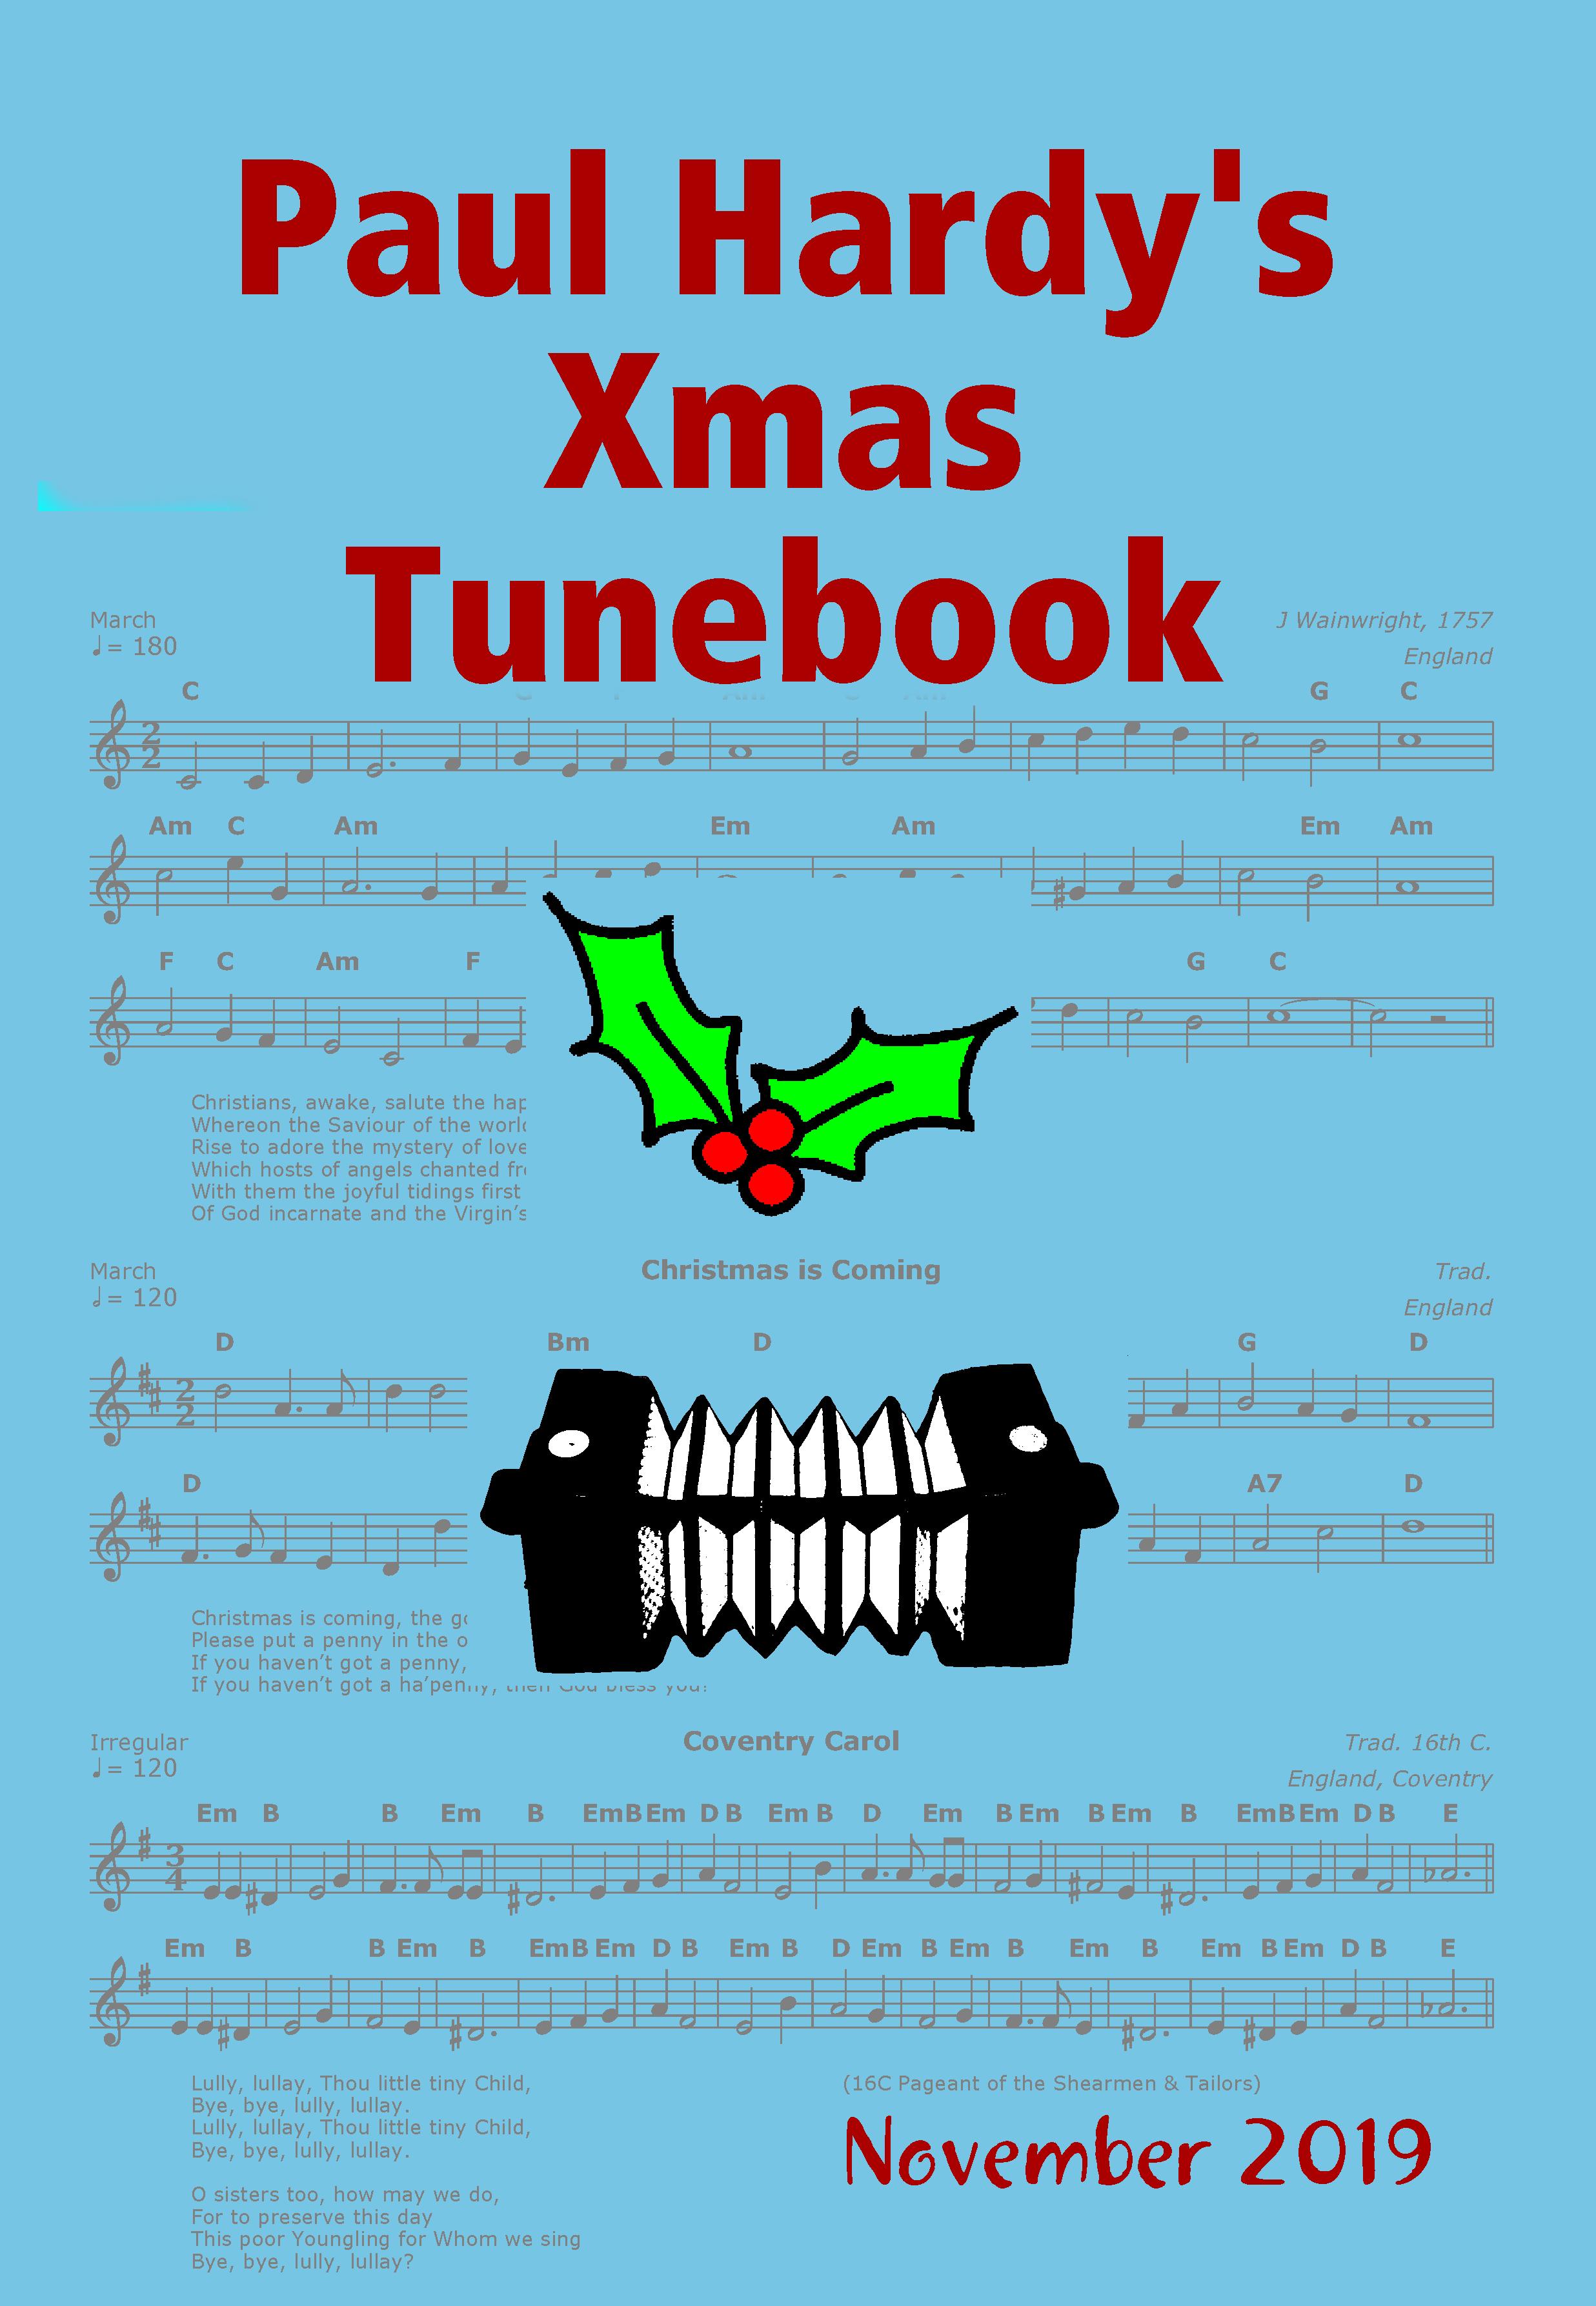 Paul Hardy's Tunebooks